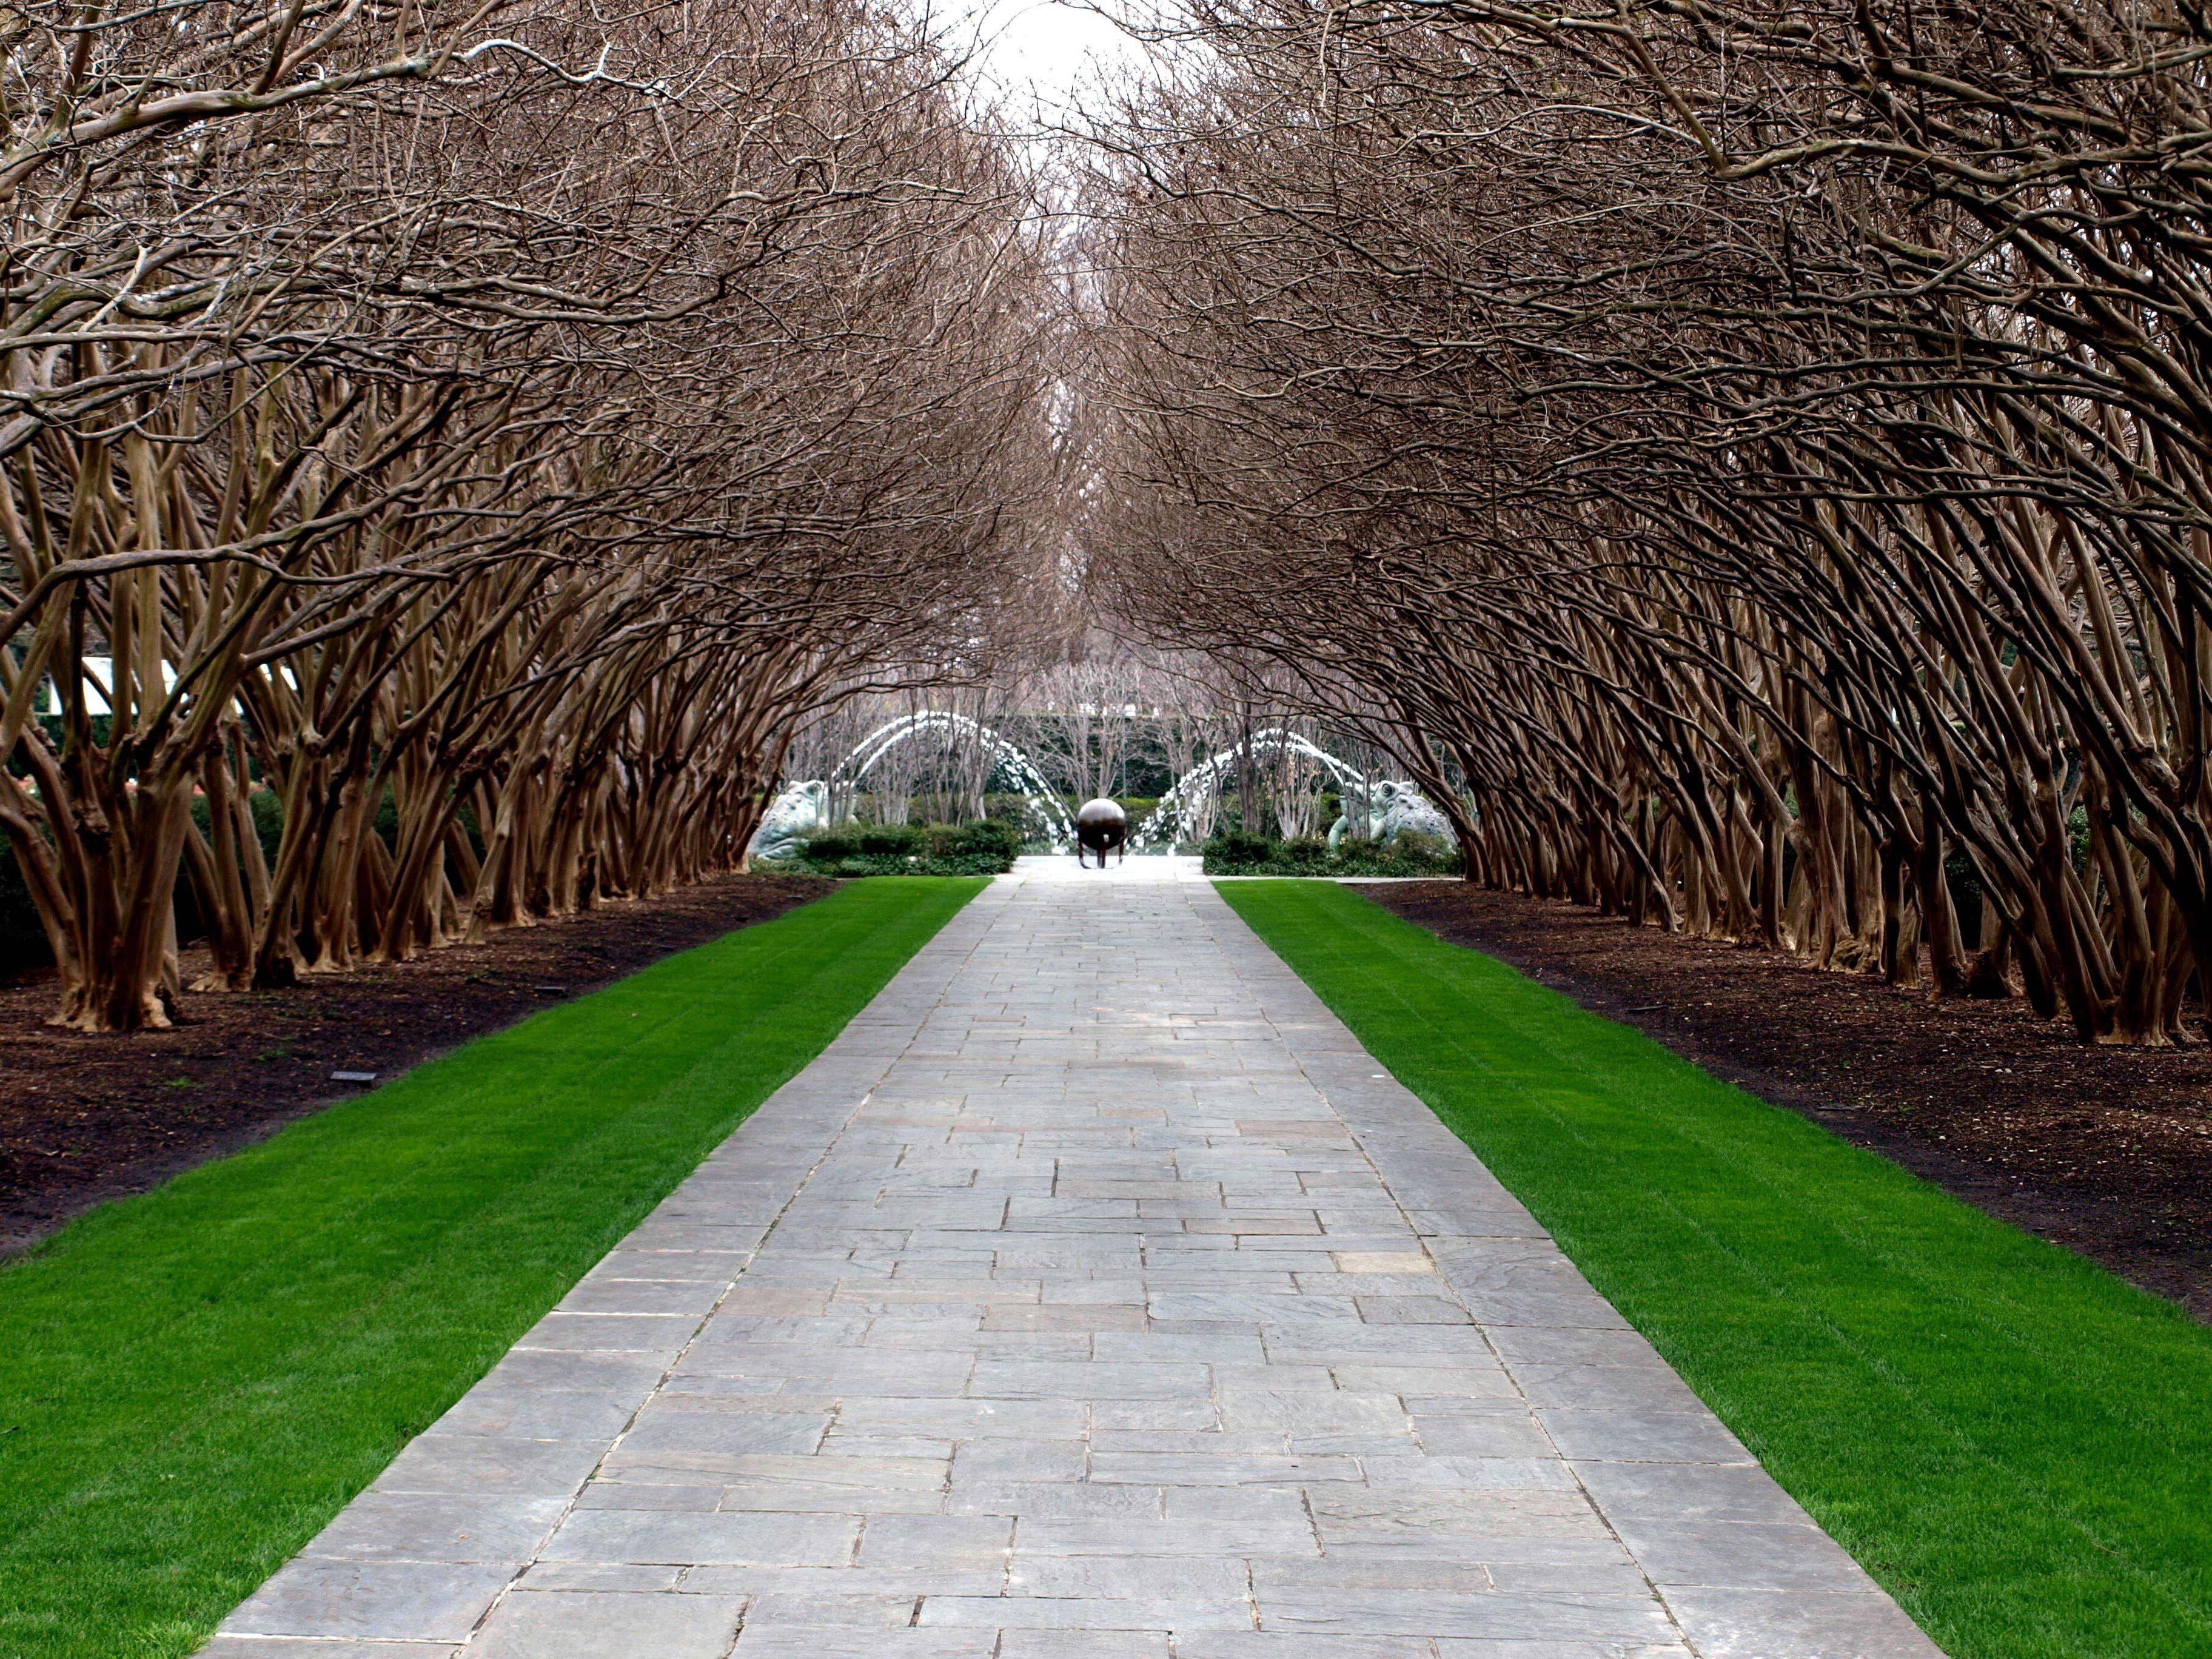 c6cb12e2432268ac7eb7ecab50c1018c - Dallas Arboretum Botanical Gardens Dallas Tx